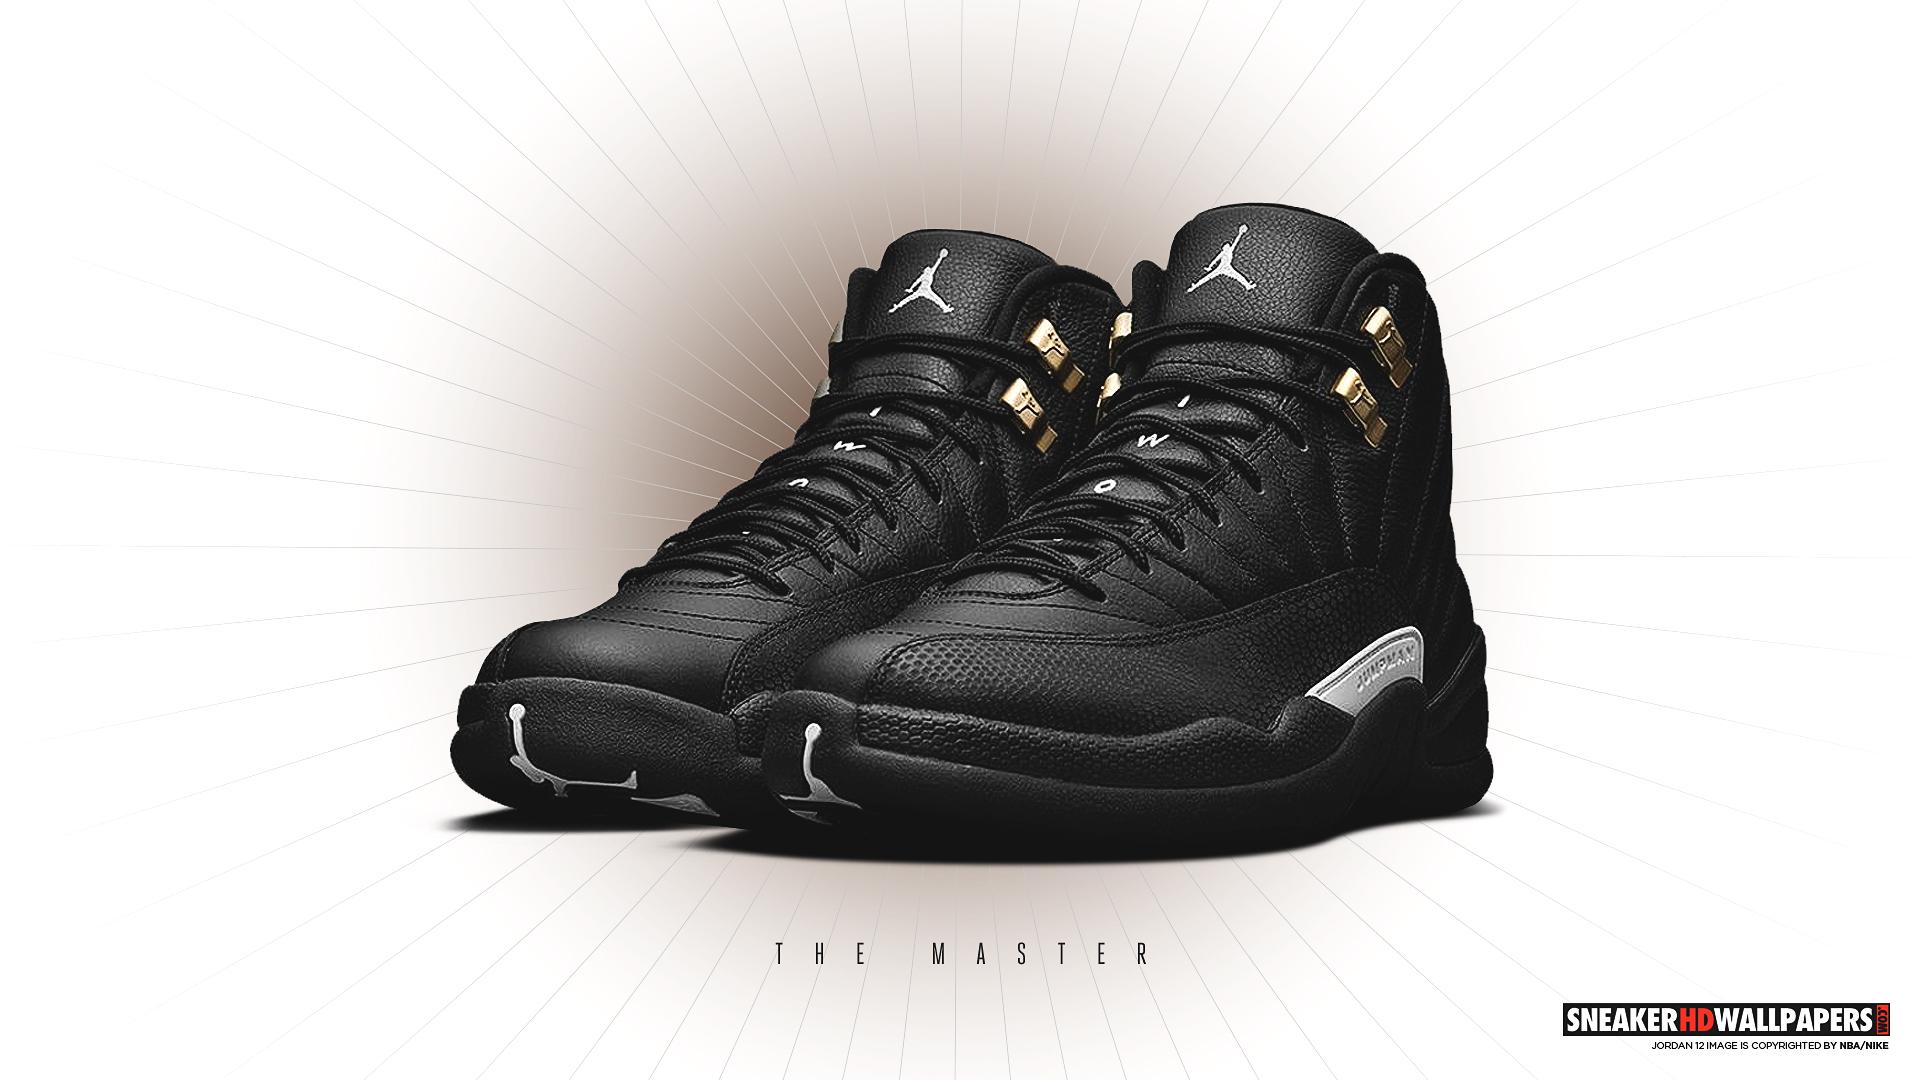 Download Link Air Jordan 12 The Master HD Wallpaper